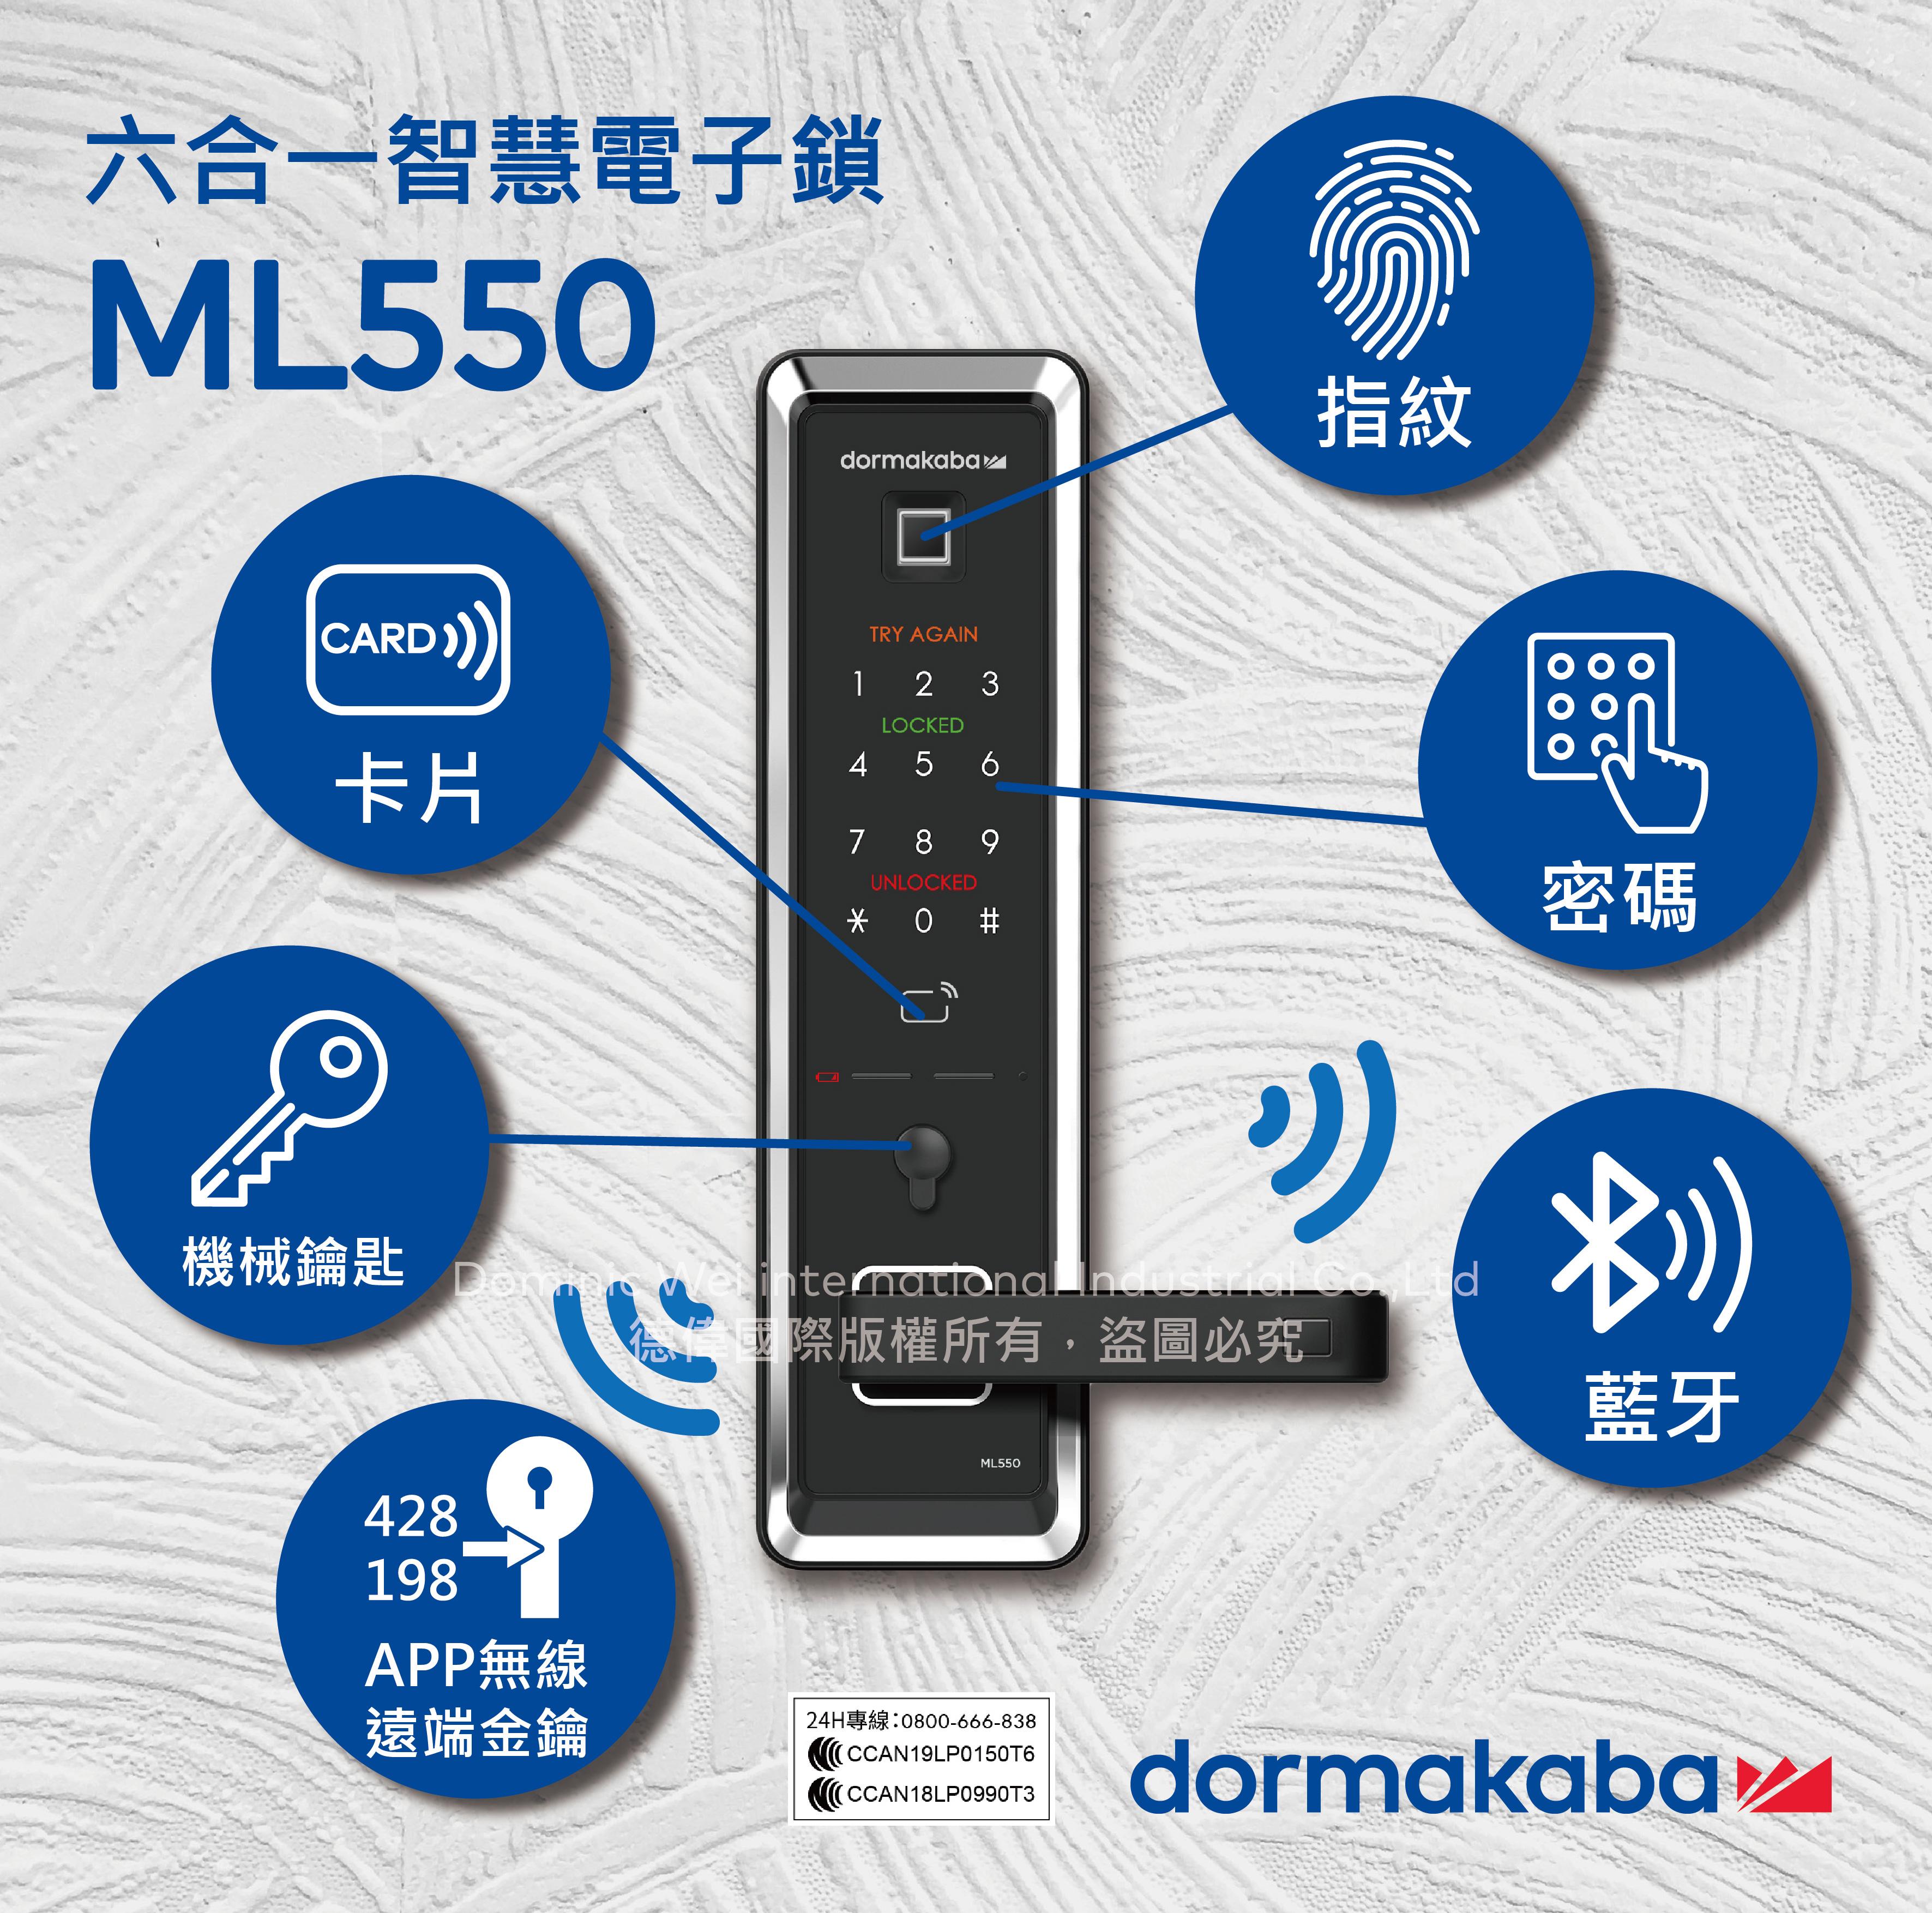 ML550 bunner 簡約版2-01.jpg